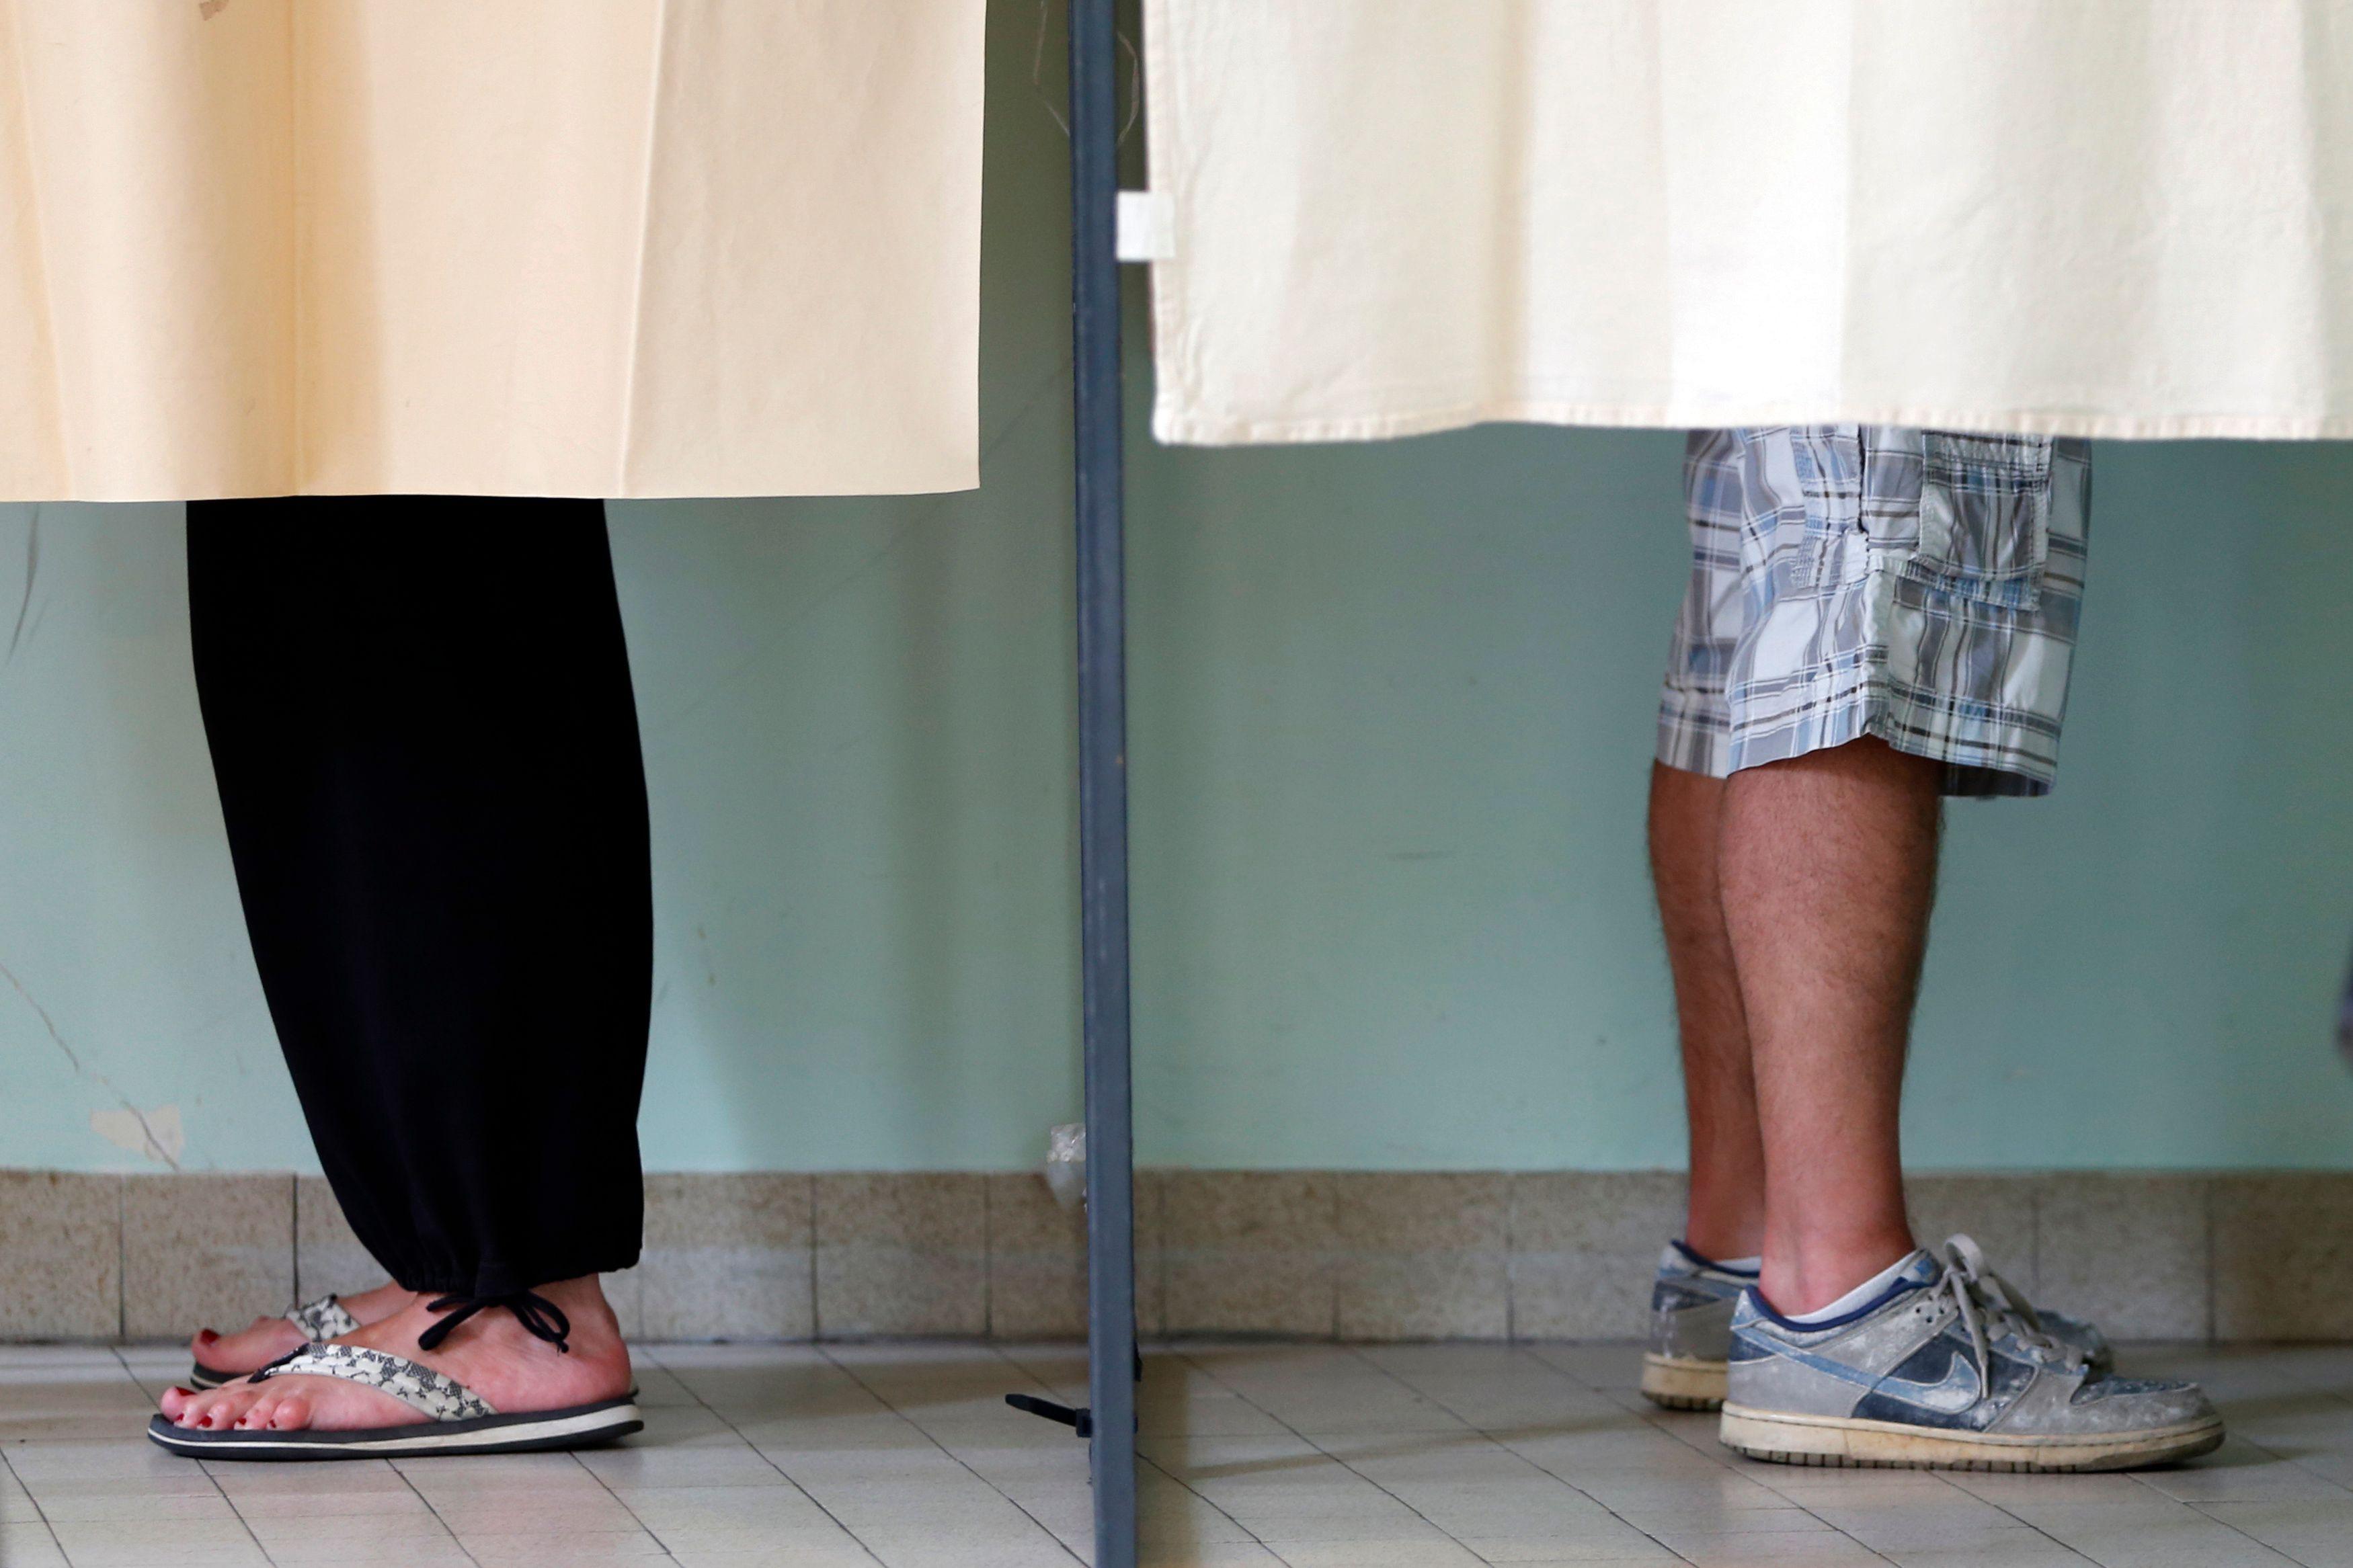 Gauche /droite, mondialiste contre nationaliste, peuple ou élites, globe-trotter ou assignés à résidence etc… : sur lequel des nouveaux clivages politiques allez-vous voter ?